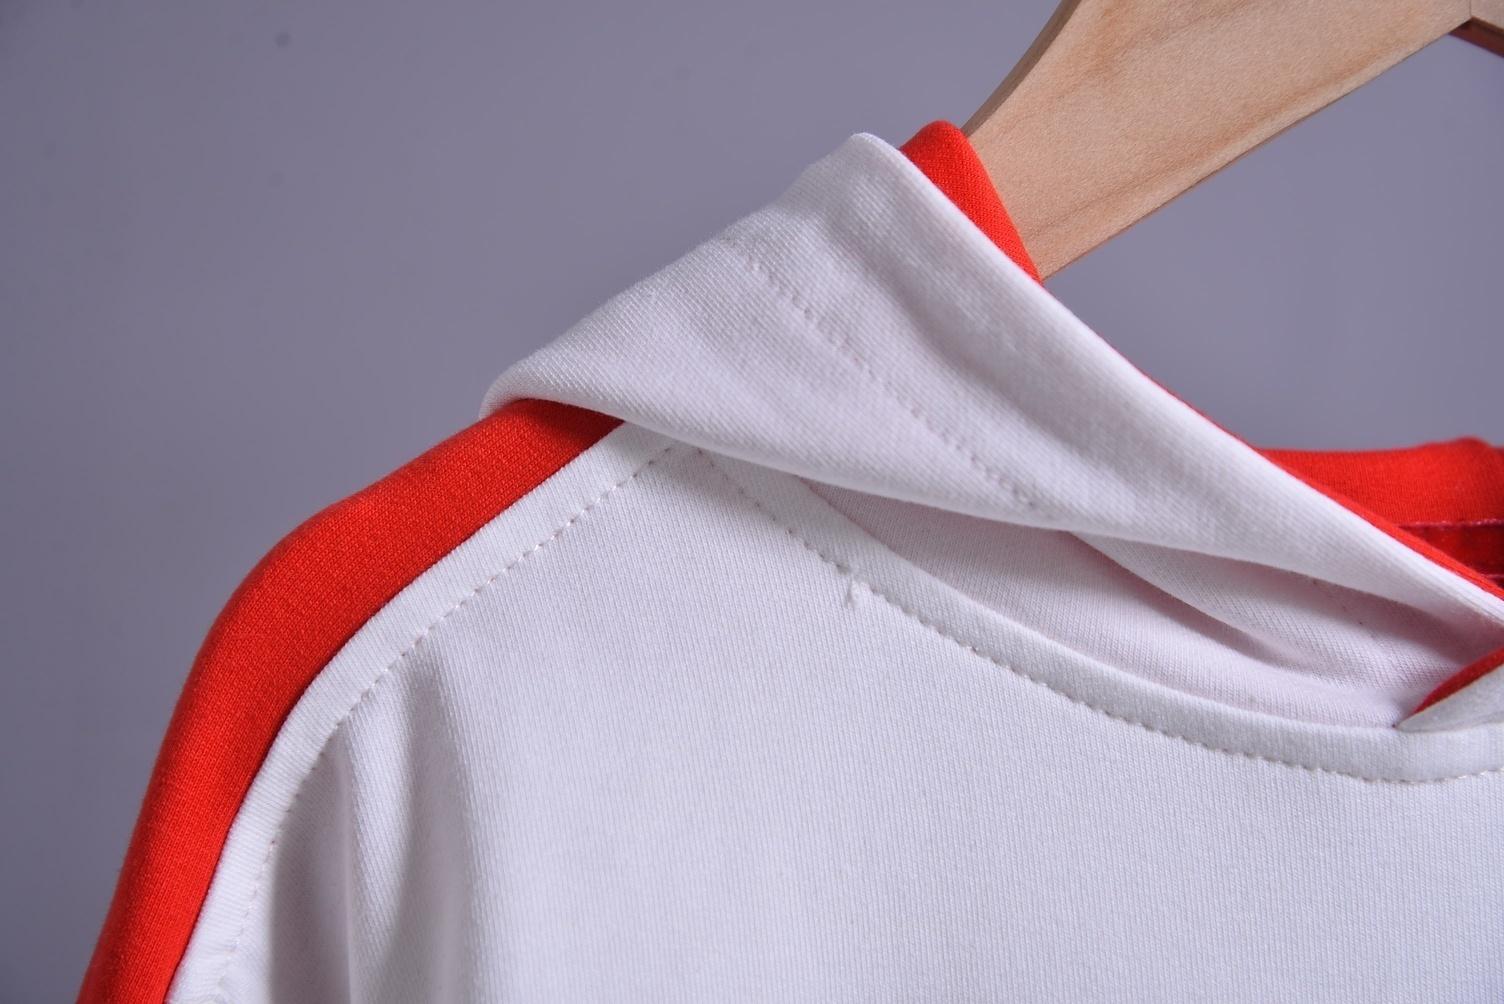 Vestito dei bambini di Modo di alta qualità confortevole 2020 Nuovi Capretti Vestito di sport dei bambini vestito di tendenza Primavera g0kxbsx6